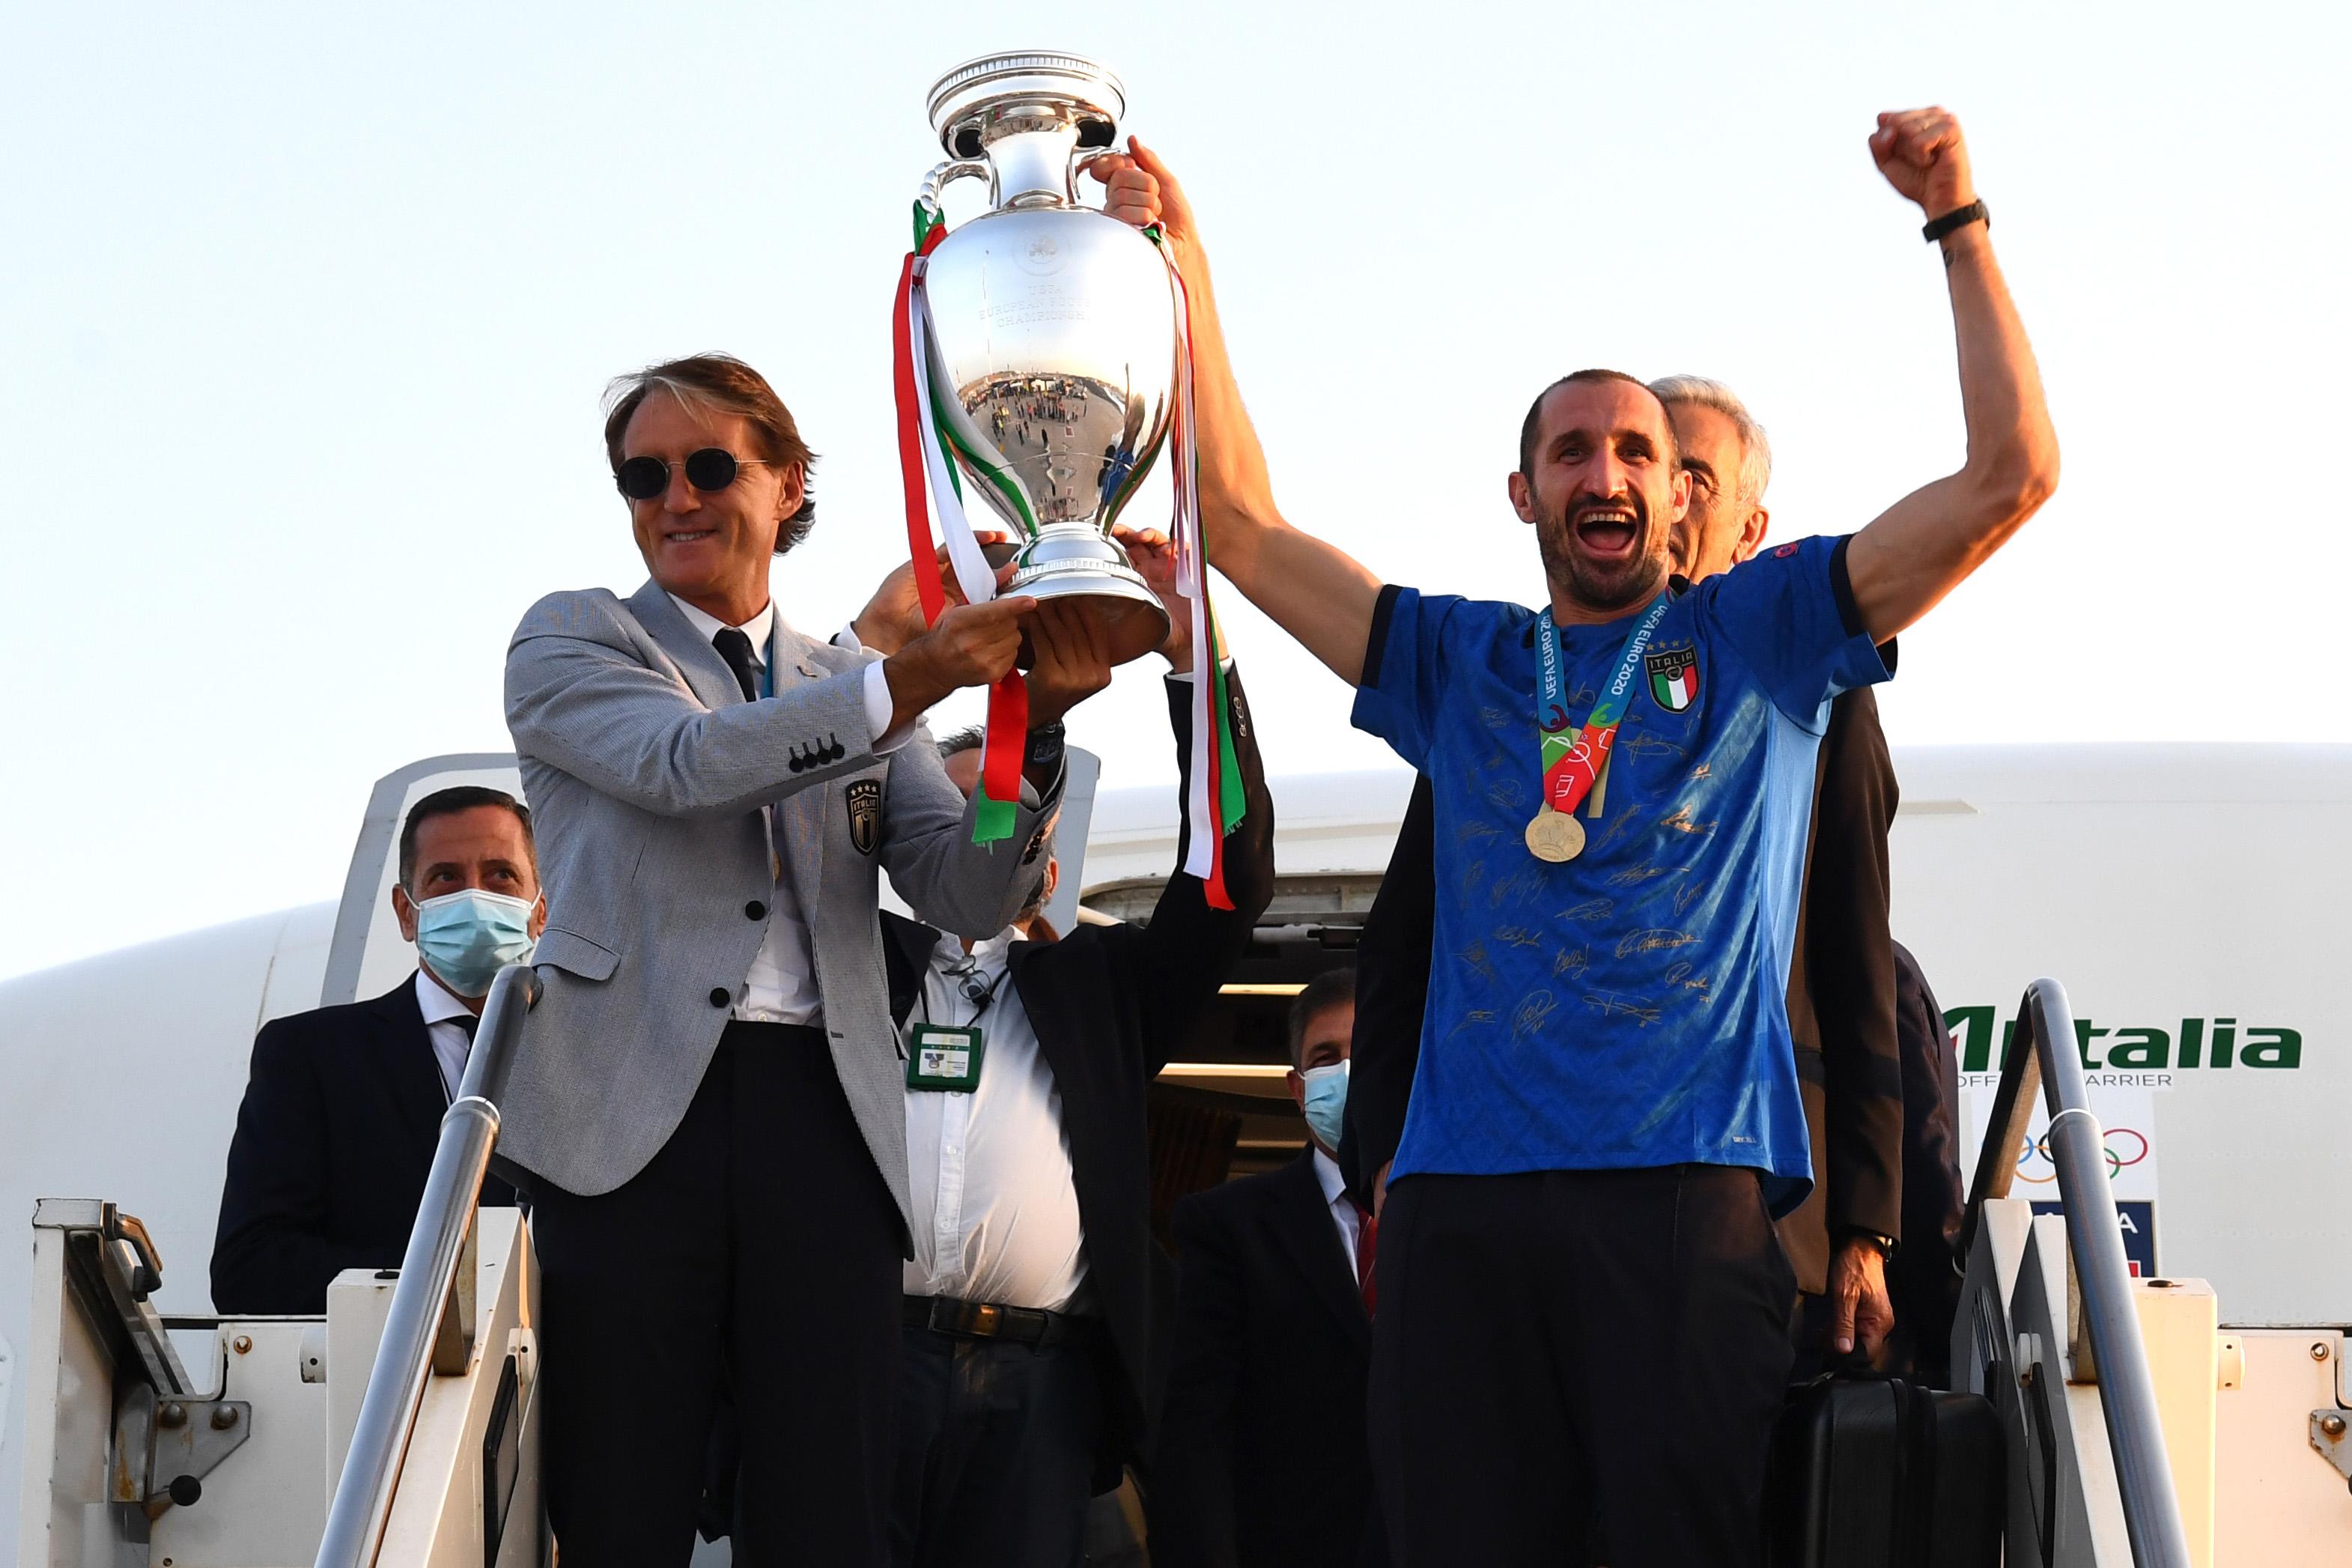 El campeón Italia de la Euro 2020 ya está en Roma para festejar título    Deportes UEFA Euro 2020   TUDN Univision